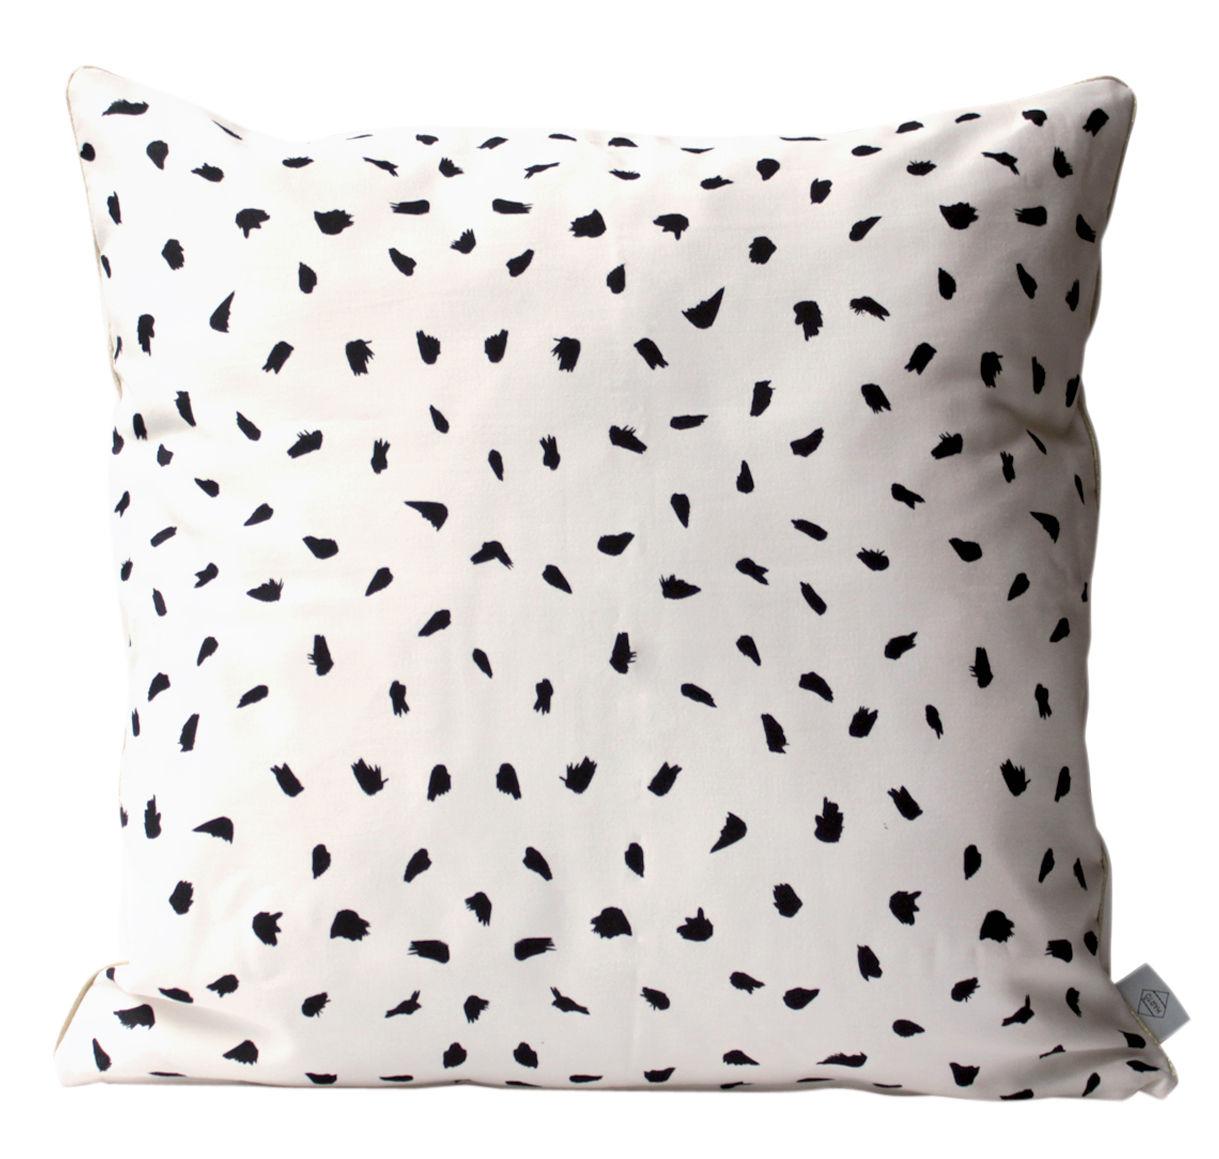 Déco - Coussins - Coussin Plumes / 50 x 50 cm - Hartô - Blanc - Coton, Polyester